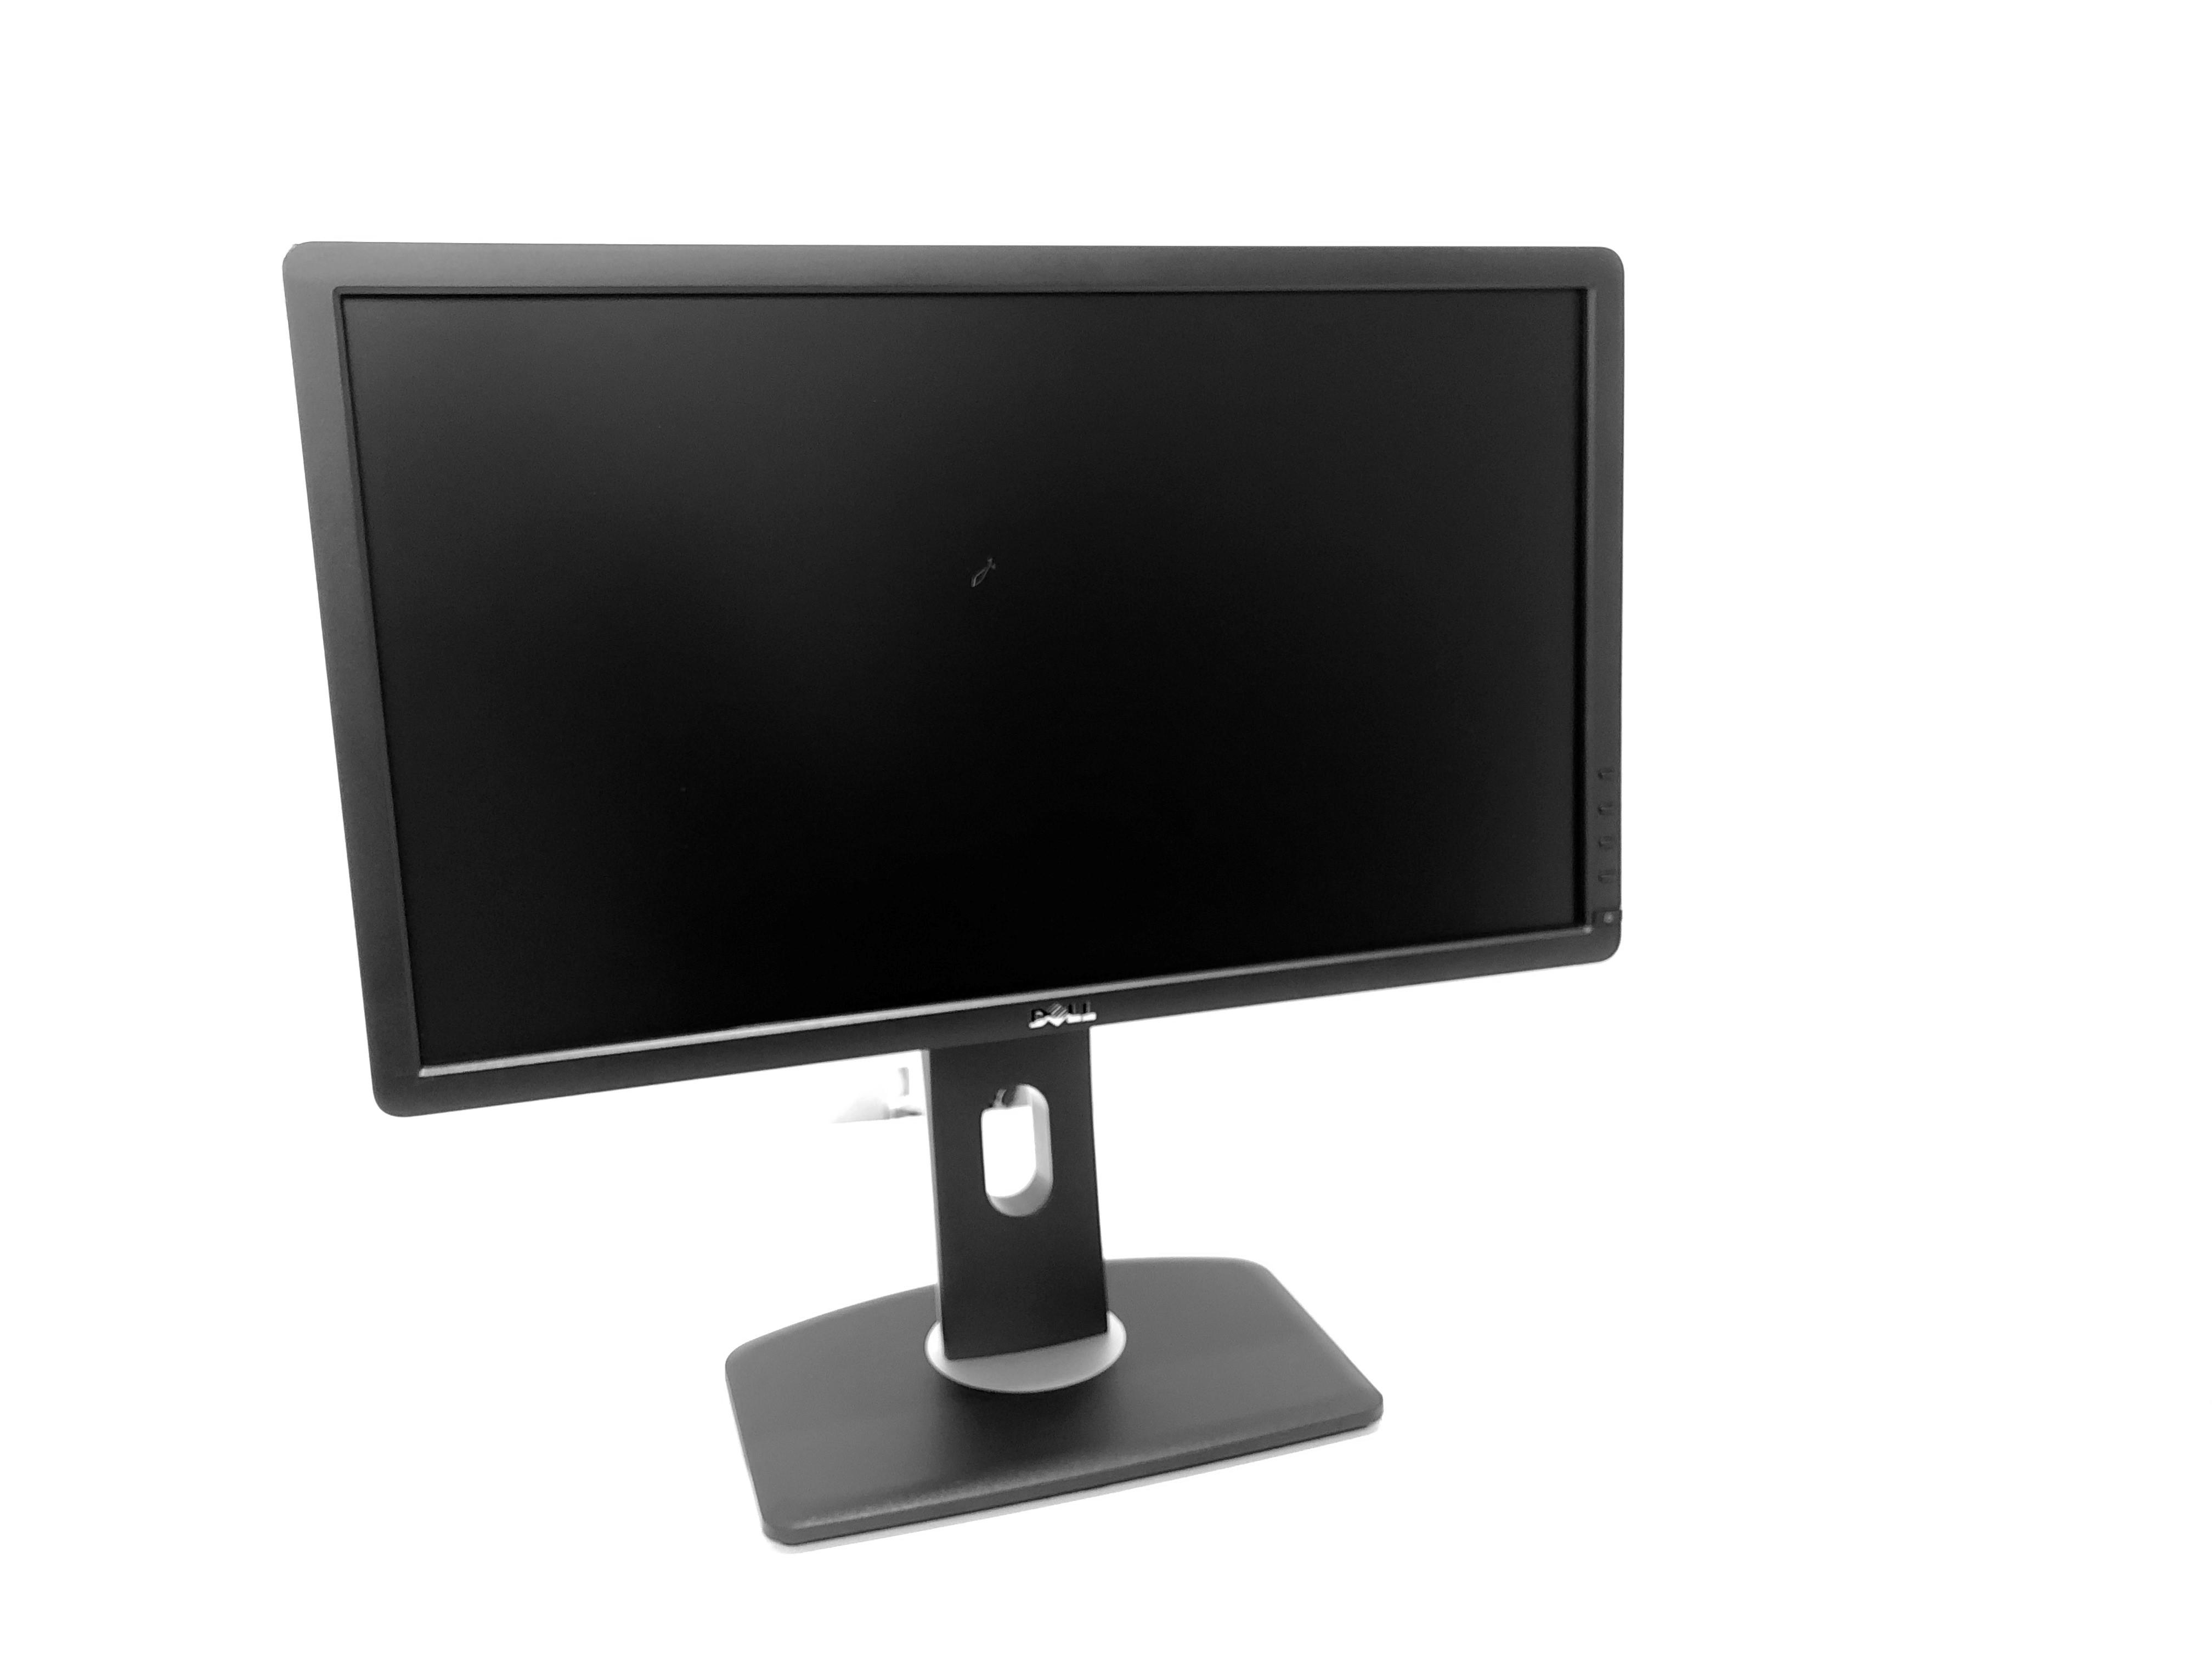 Dell-P2212Hb - 138031